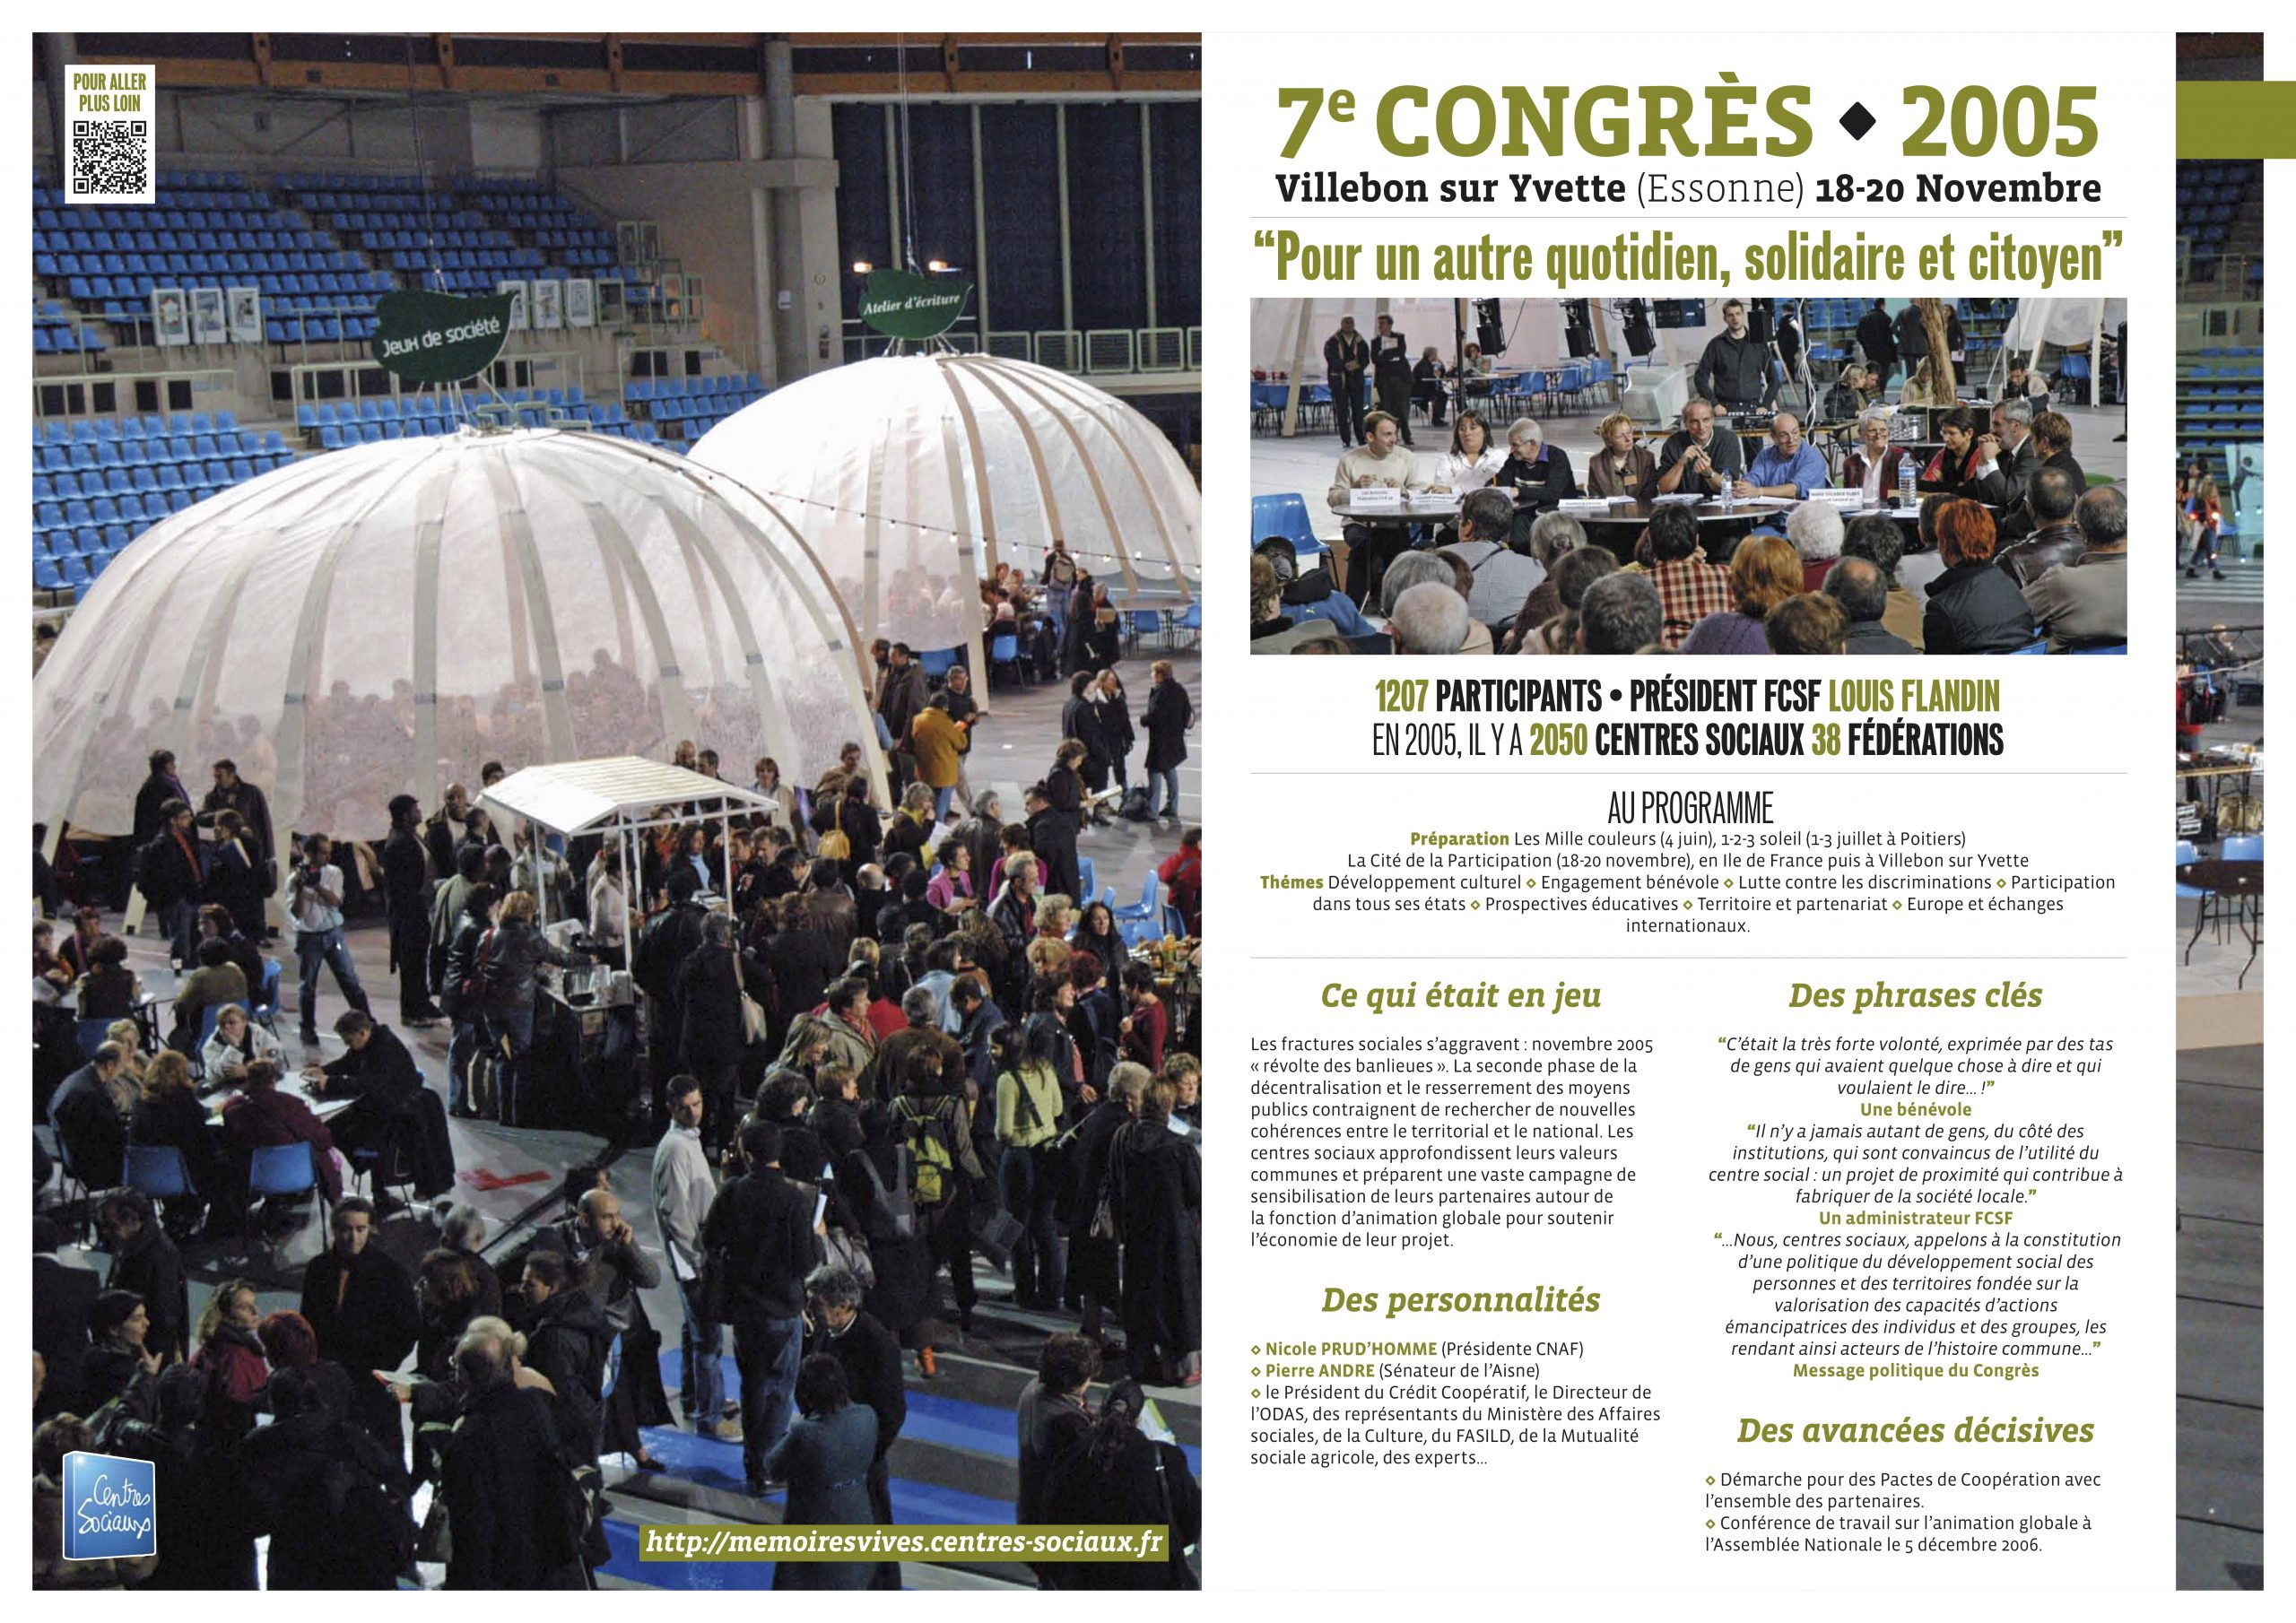 7ème Congrès